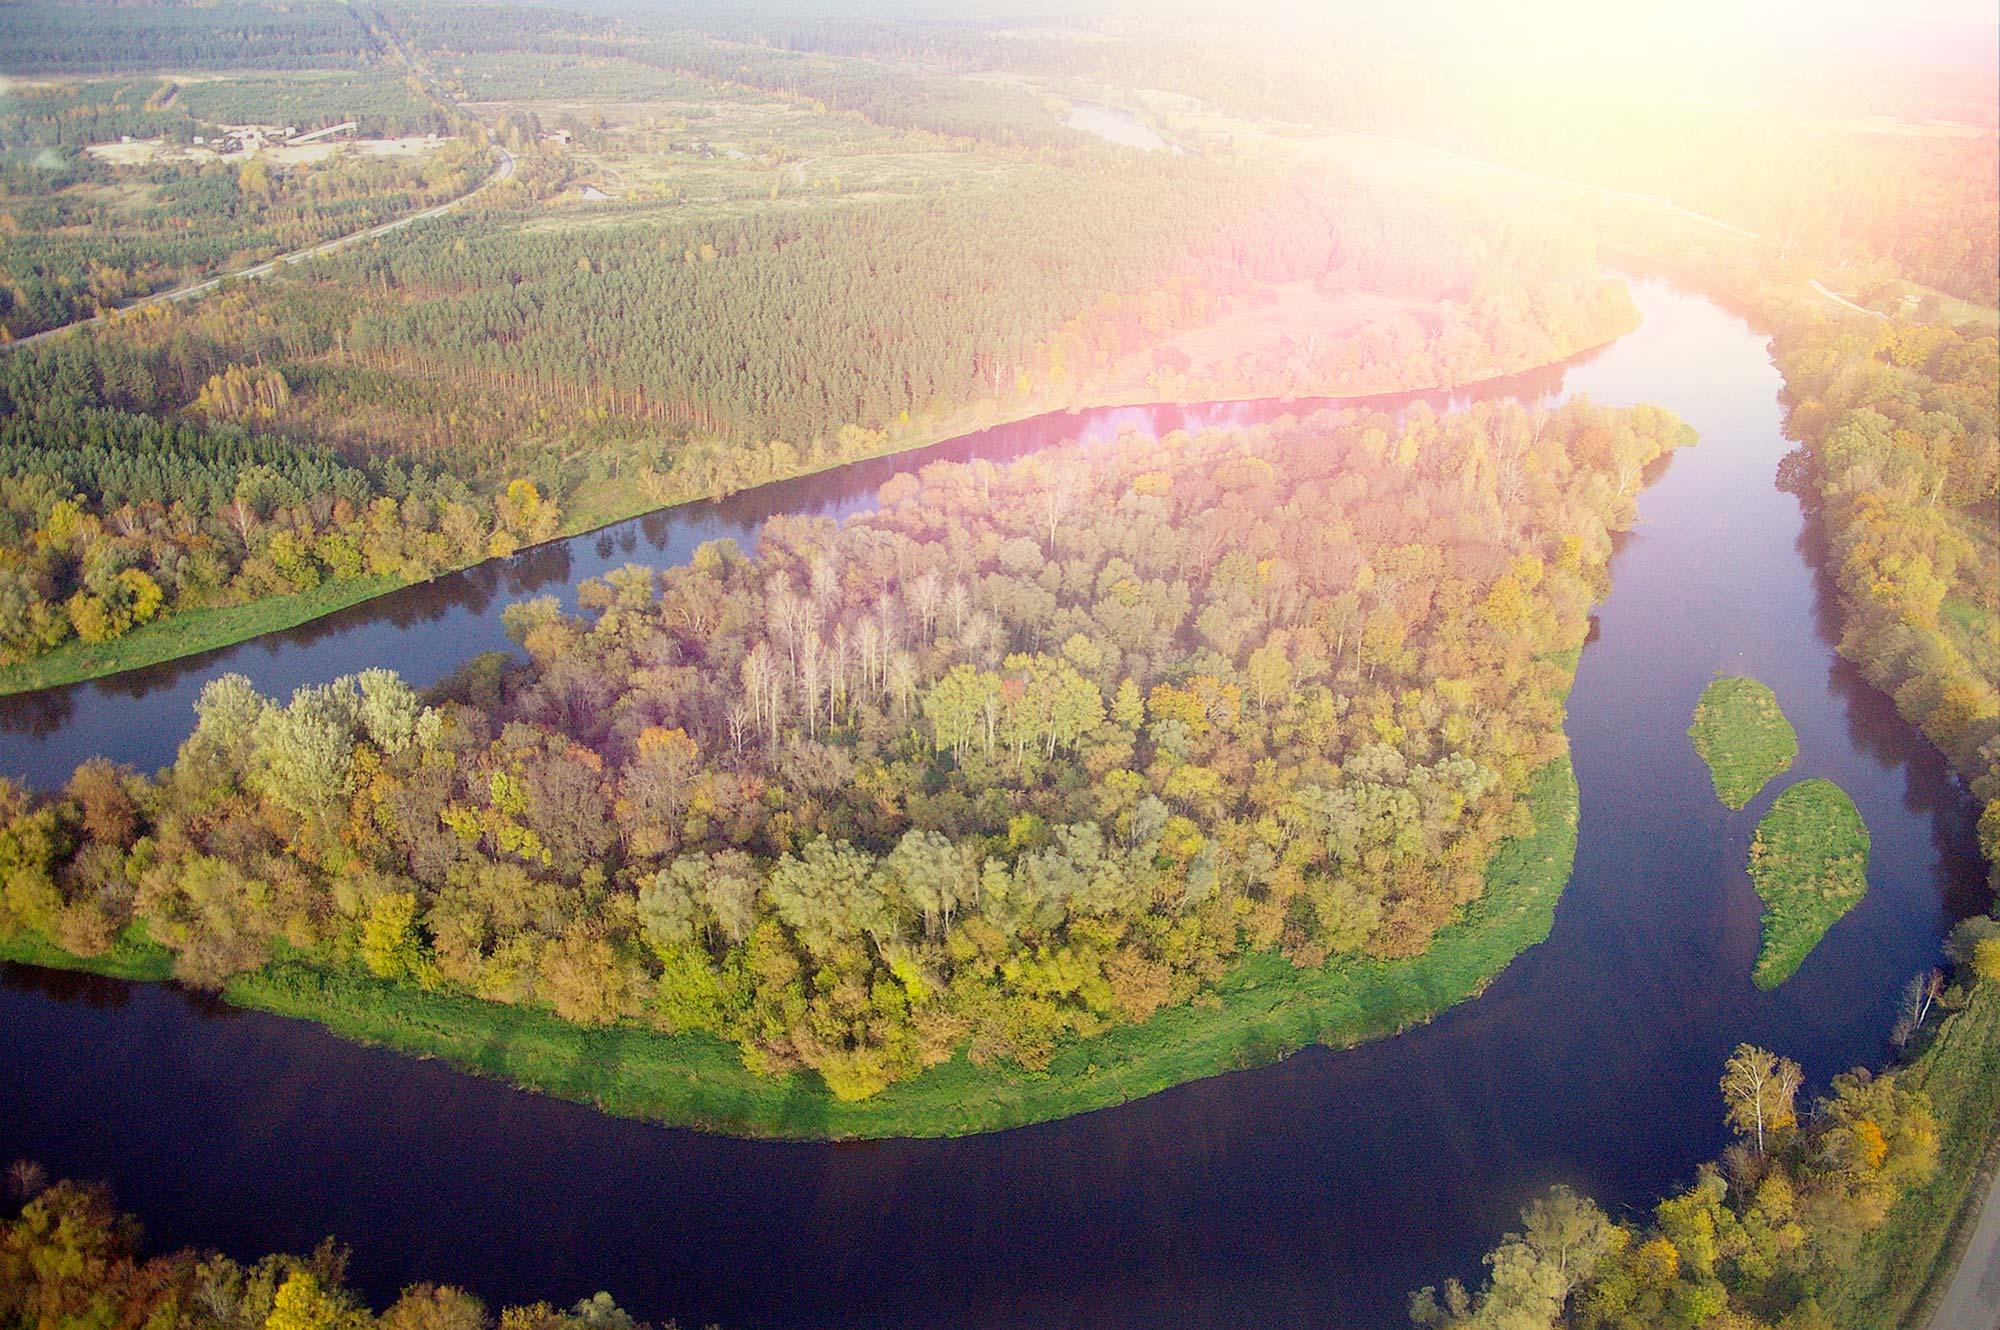 Dūkštos pažintinis takas (Vilniaus rajonas)